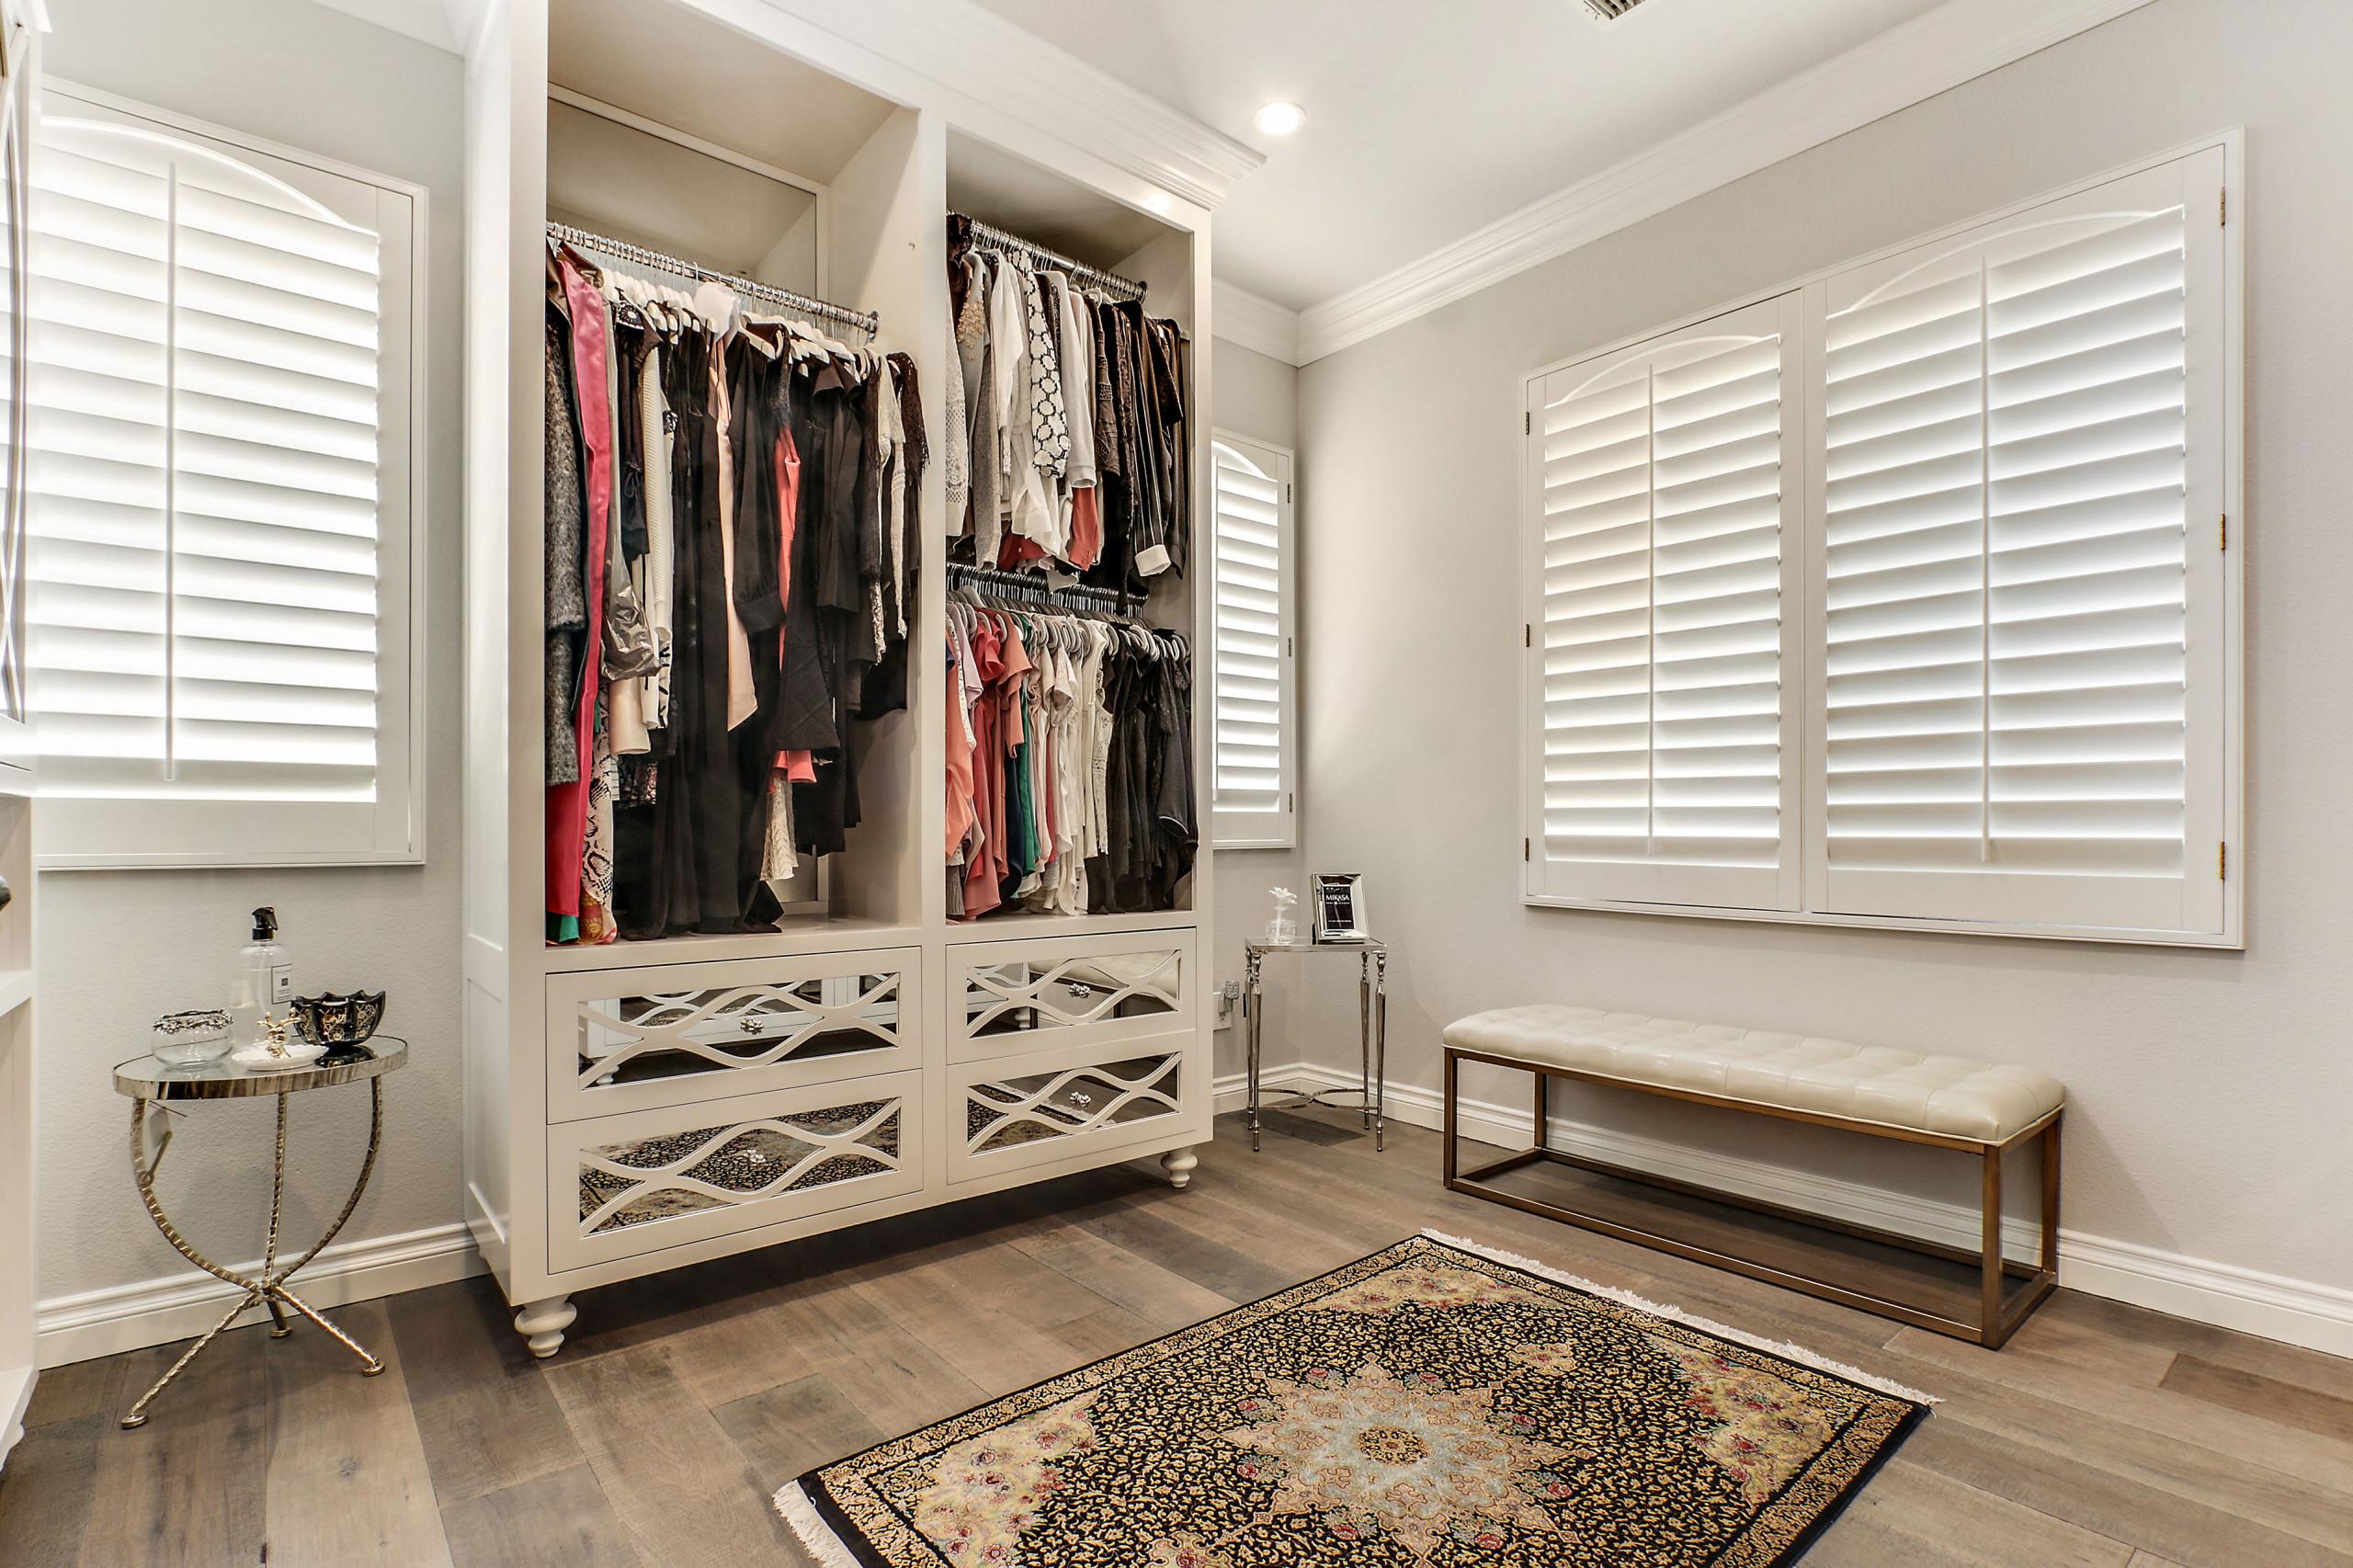 Ebony and Ivory Dream Custom Built Closets